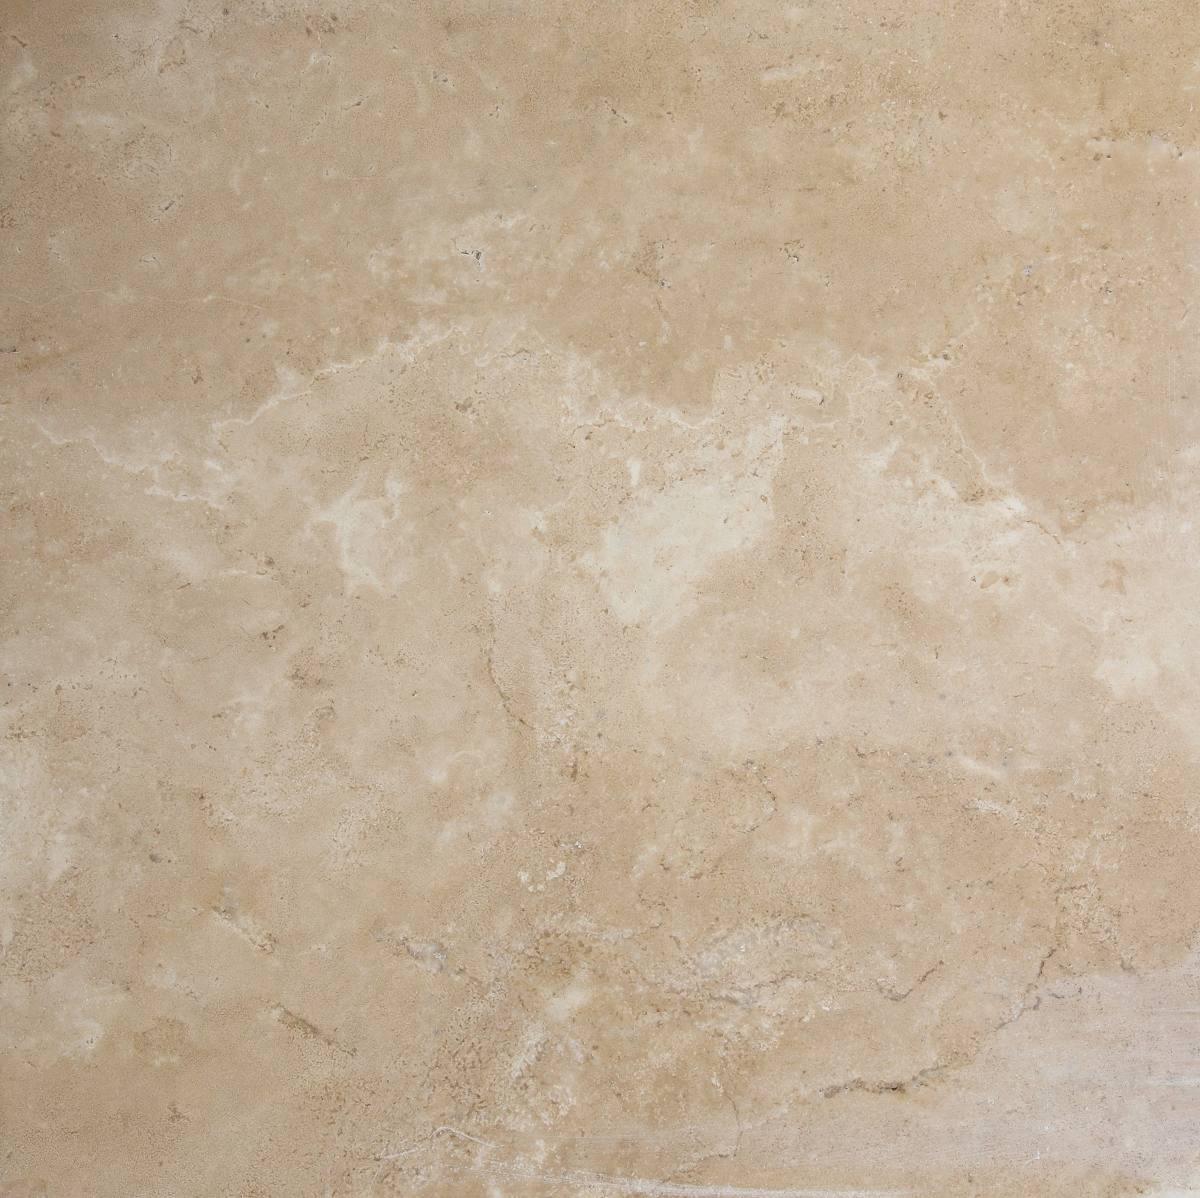 Suelo marmol precio m2 best precio ms bajo bianco carrara blanco mrmol baldosas al por mayor y - Suelos de marmol precios ...